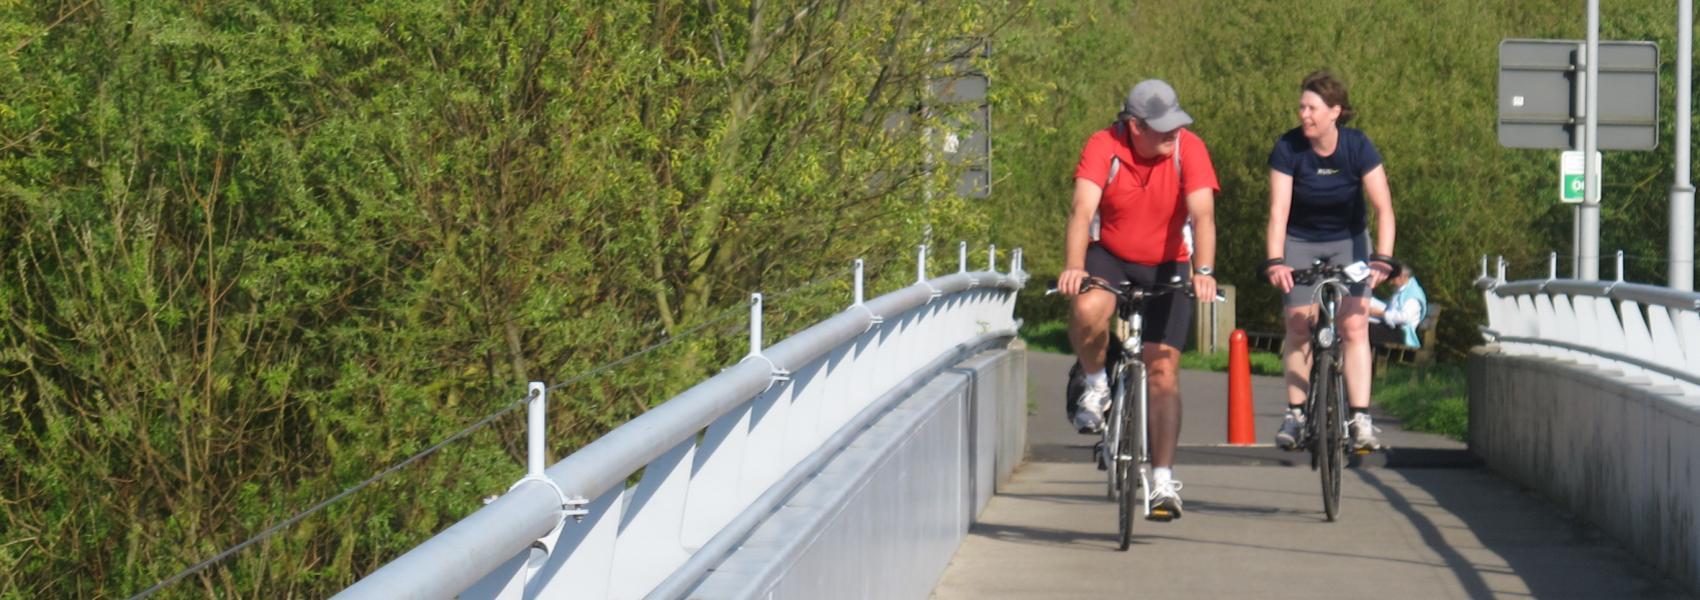 fietsers op de brug